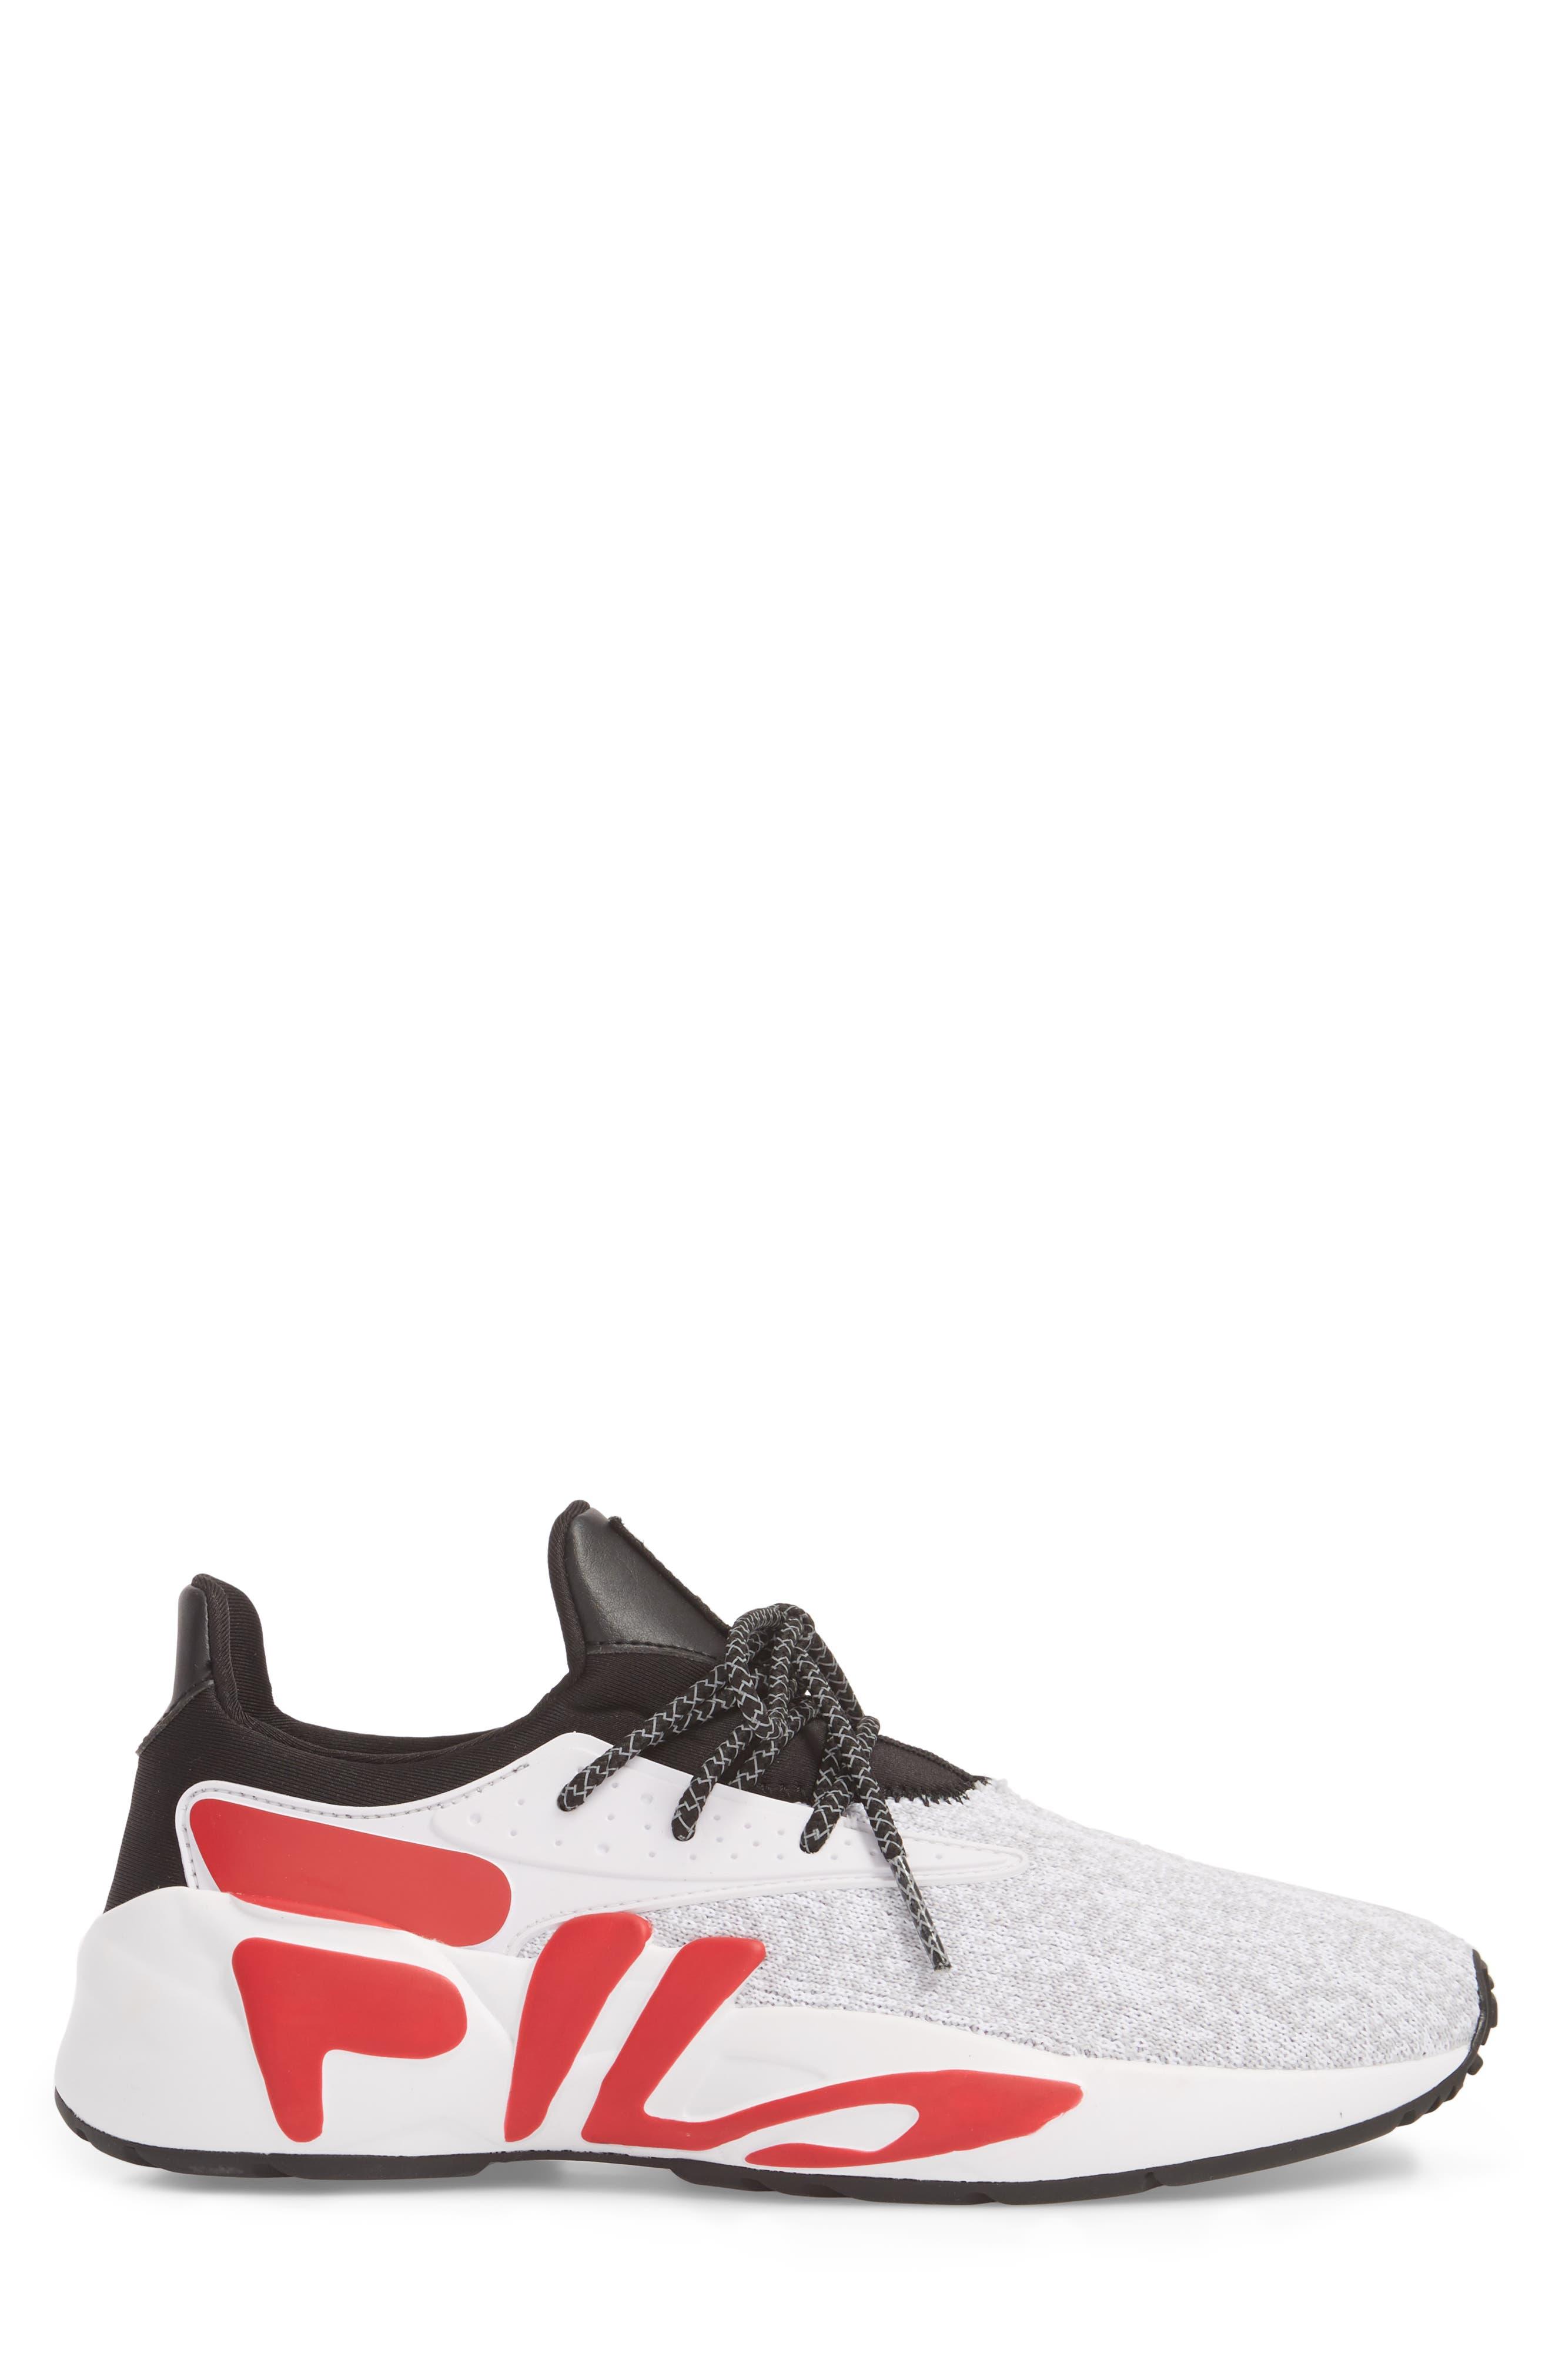 Mindbreaker 2.0 Sneaker,                             Alternate thumbnail 3, color,                             BLACK/ WHITE/ RED